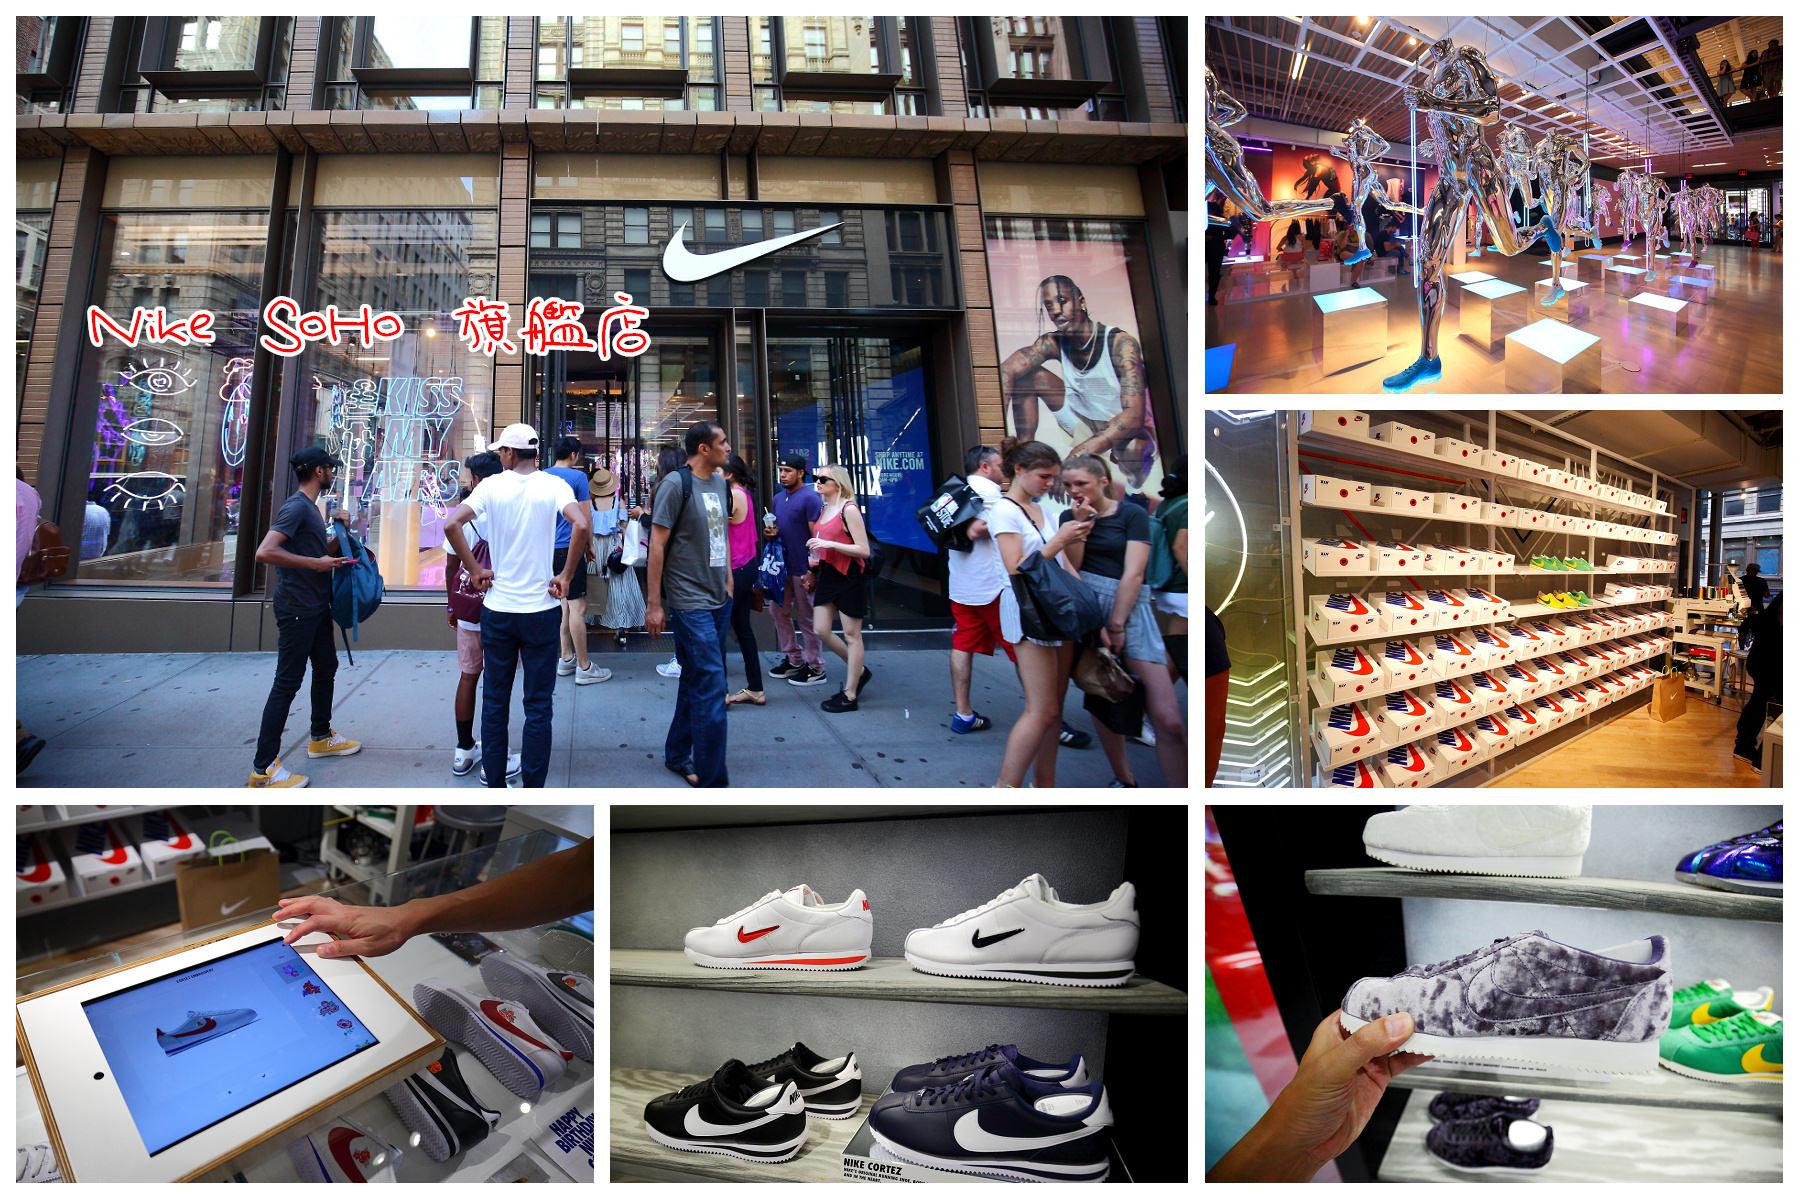 [美國紐約]女孩們的逛街聖地,紐約SOHO區!全球最新最大Nike SoHo 旗艦店朝聖